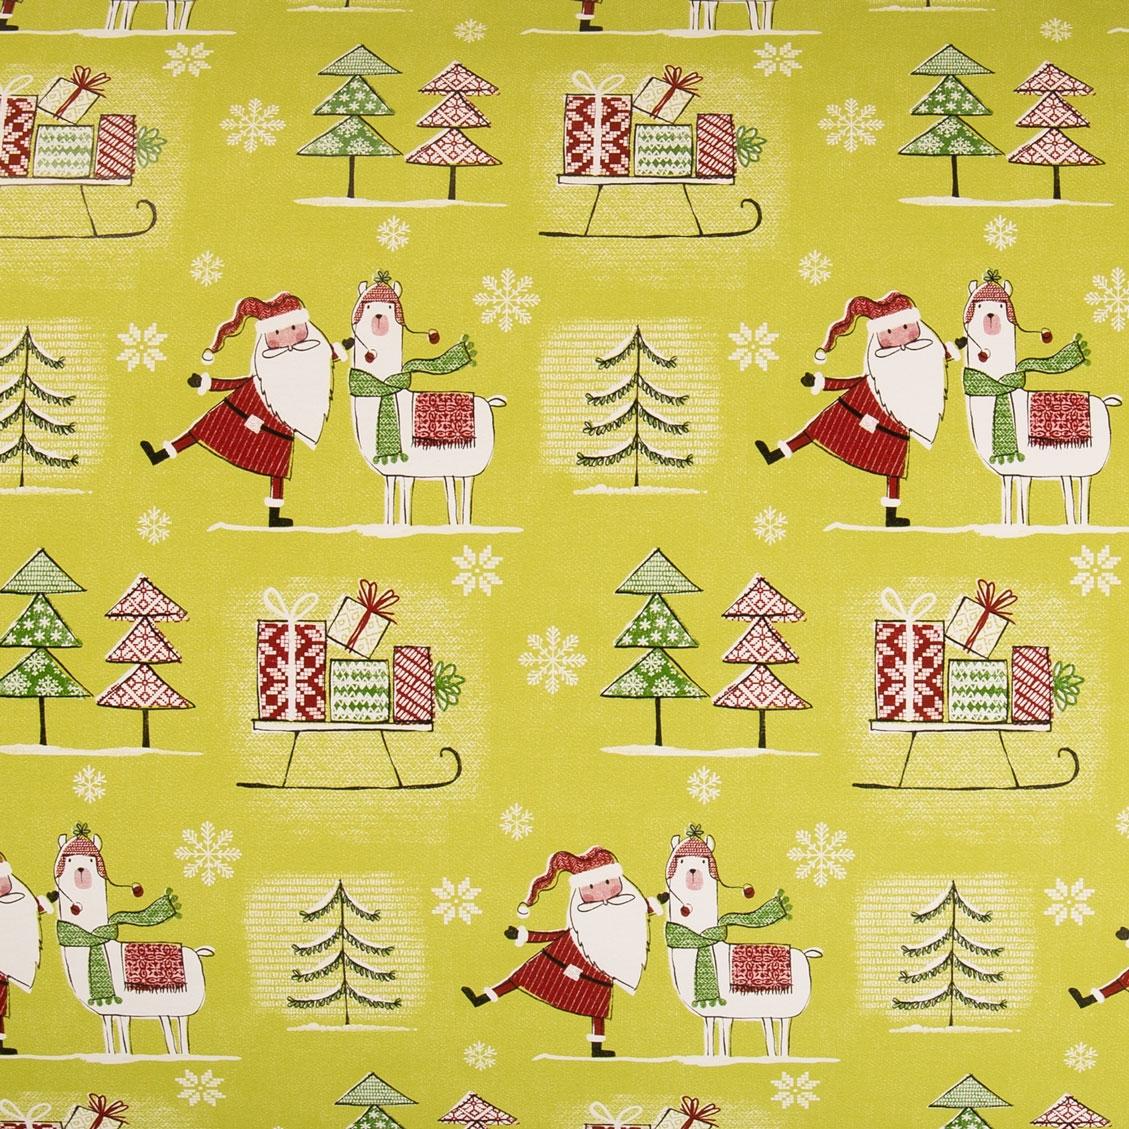 Julepapir børn